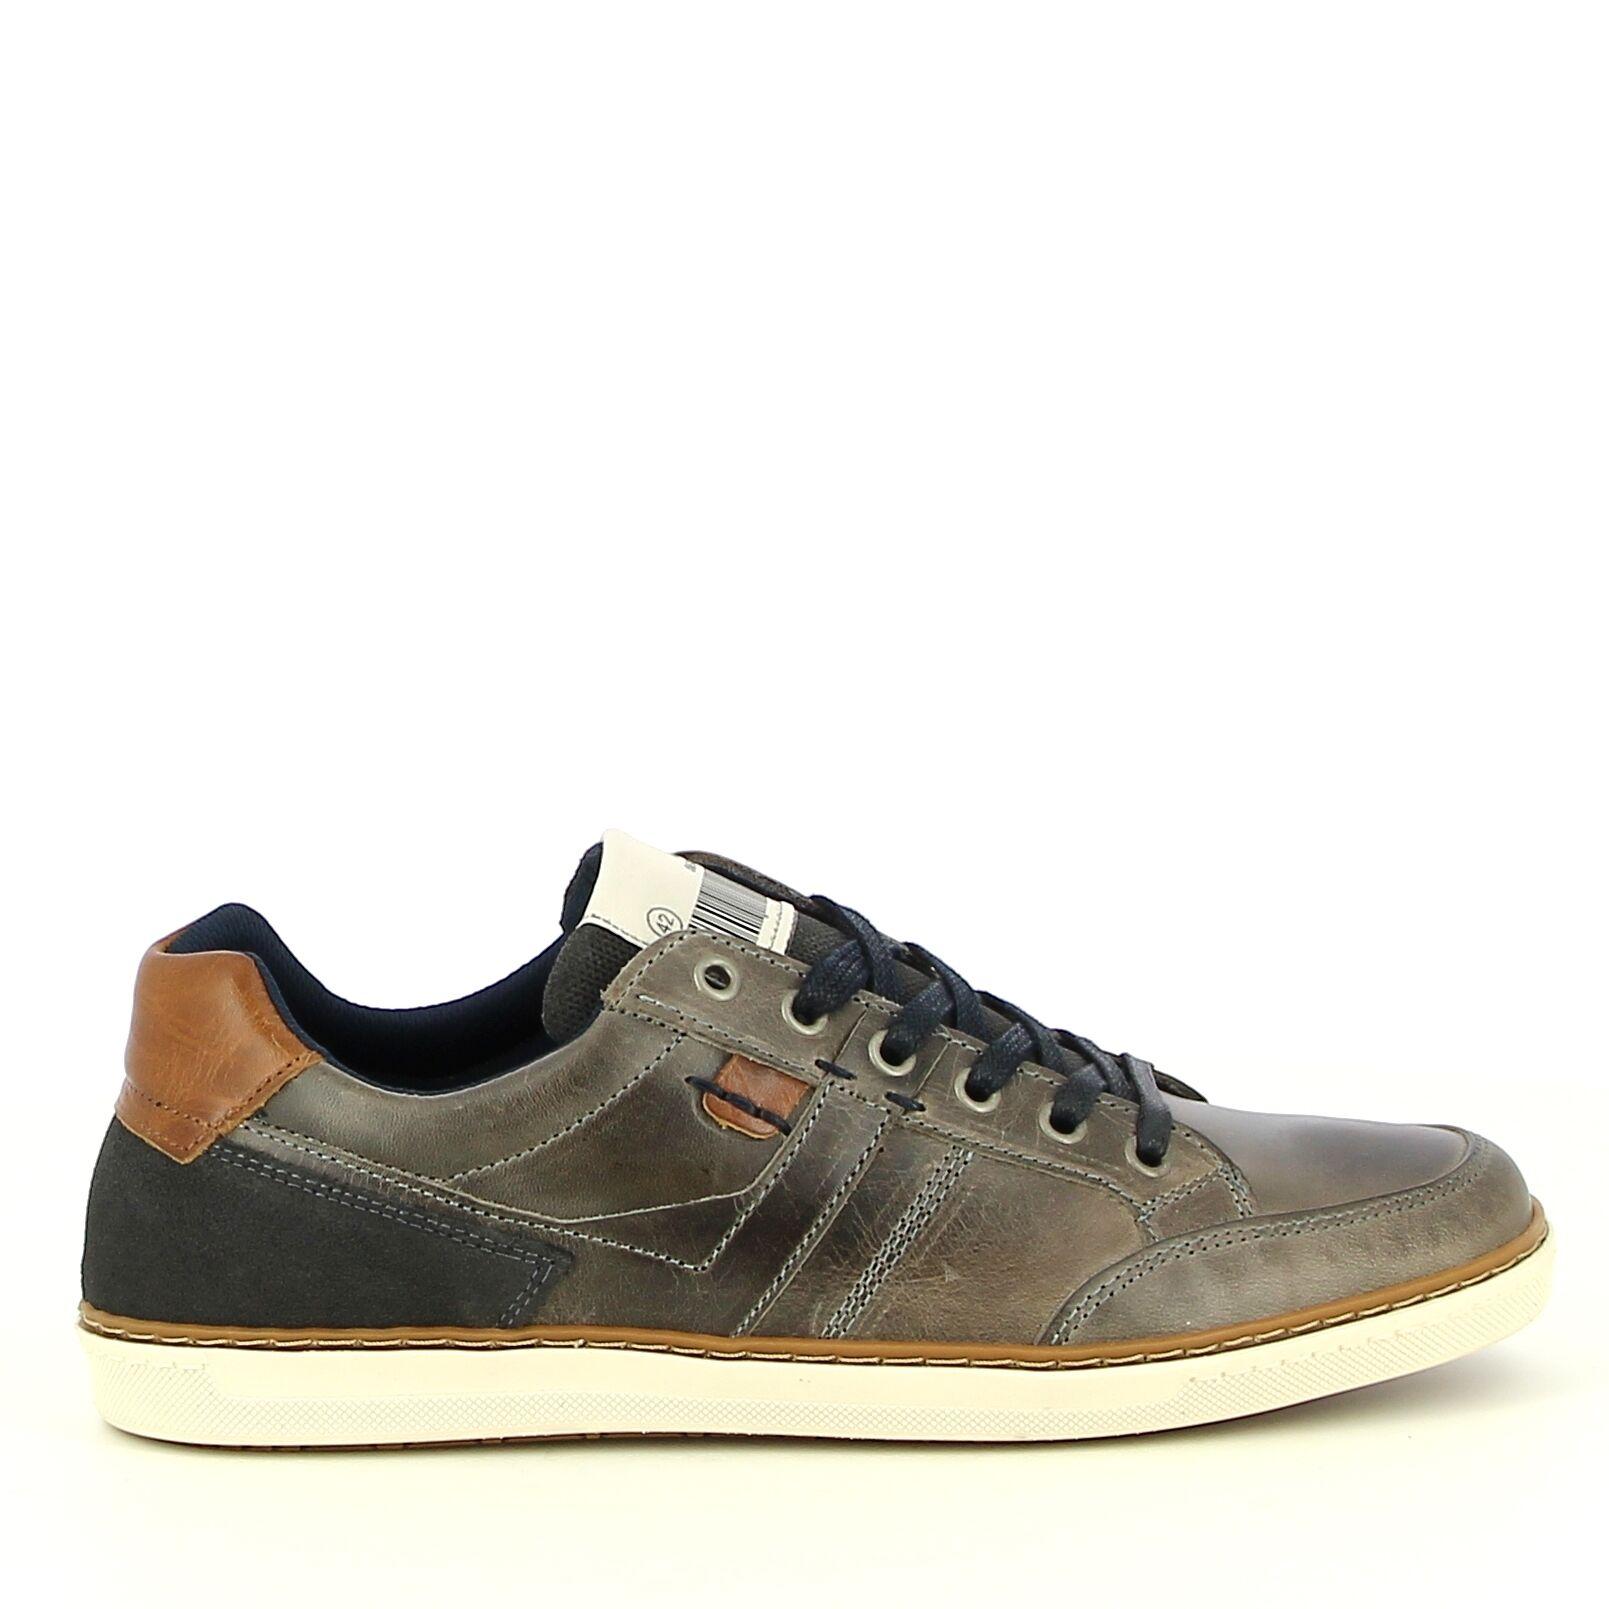 Ken Shoe Fashion - Grijs - Sneakers